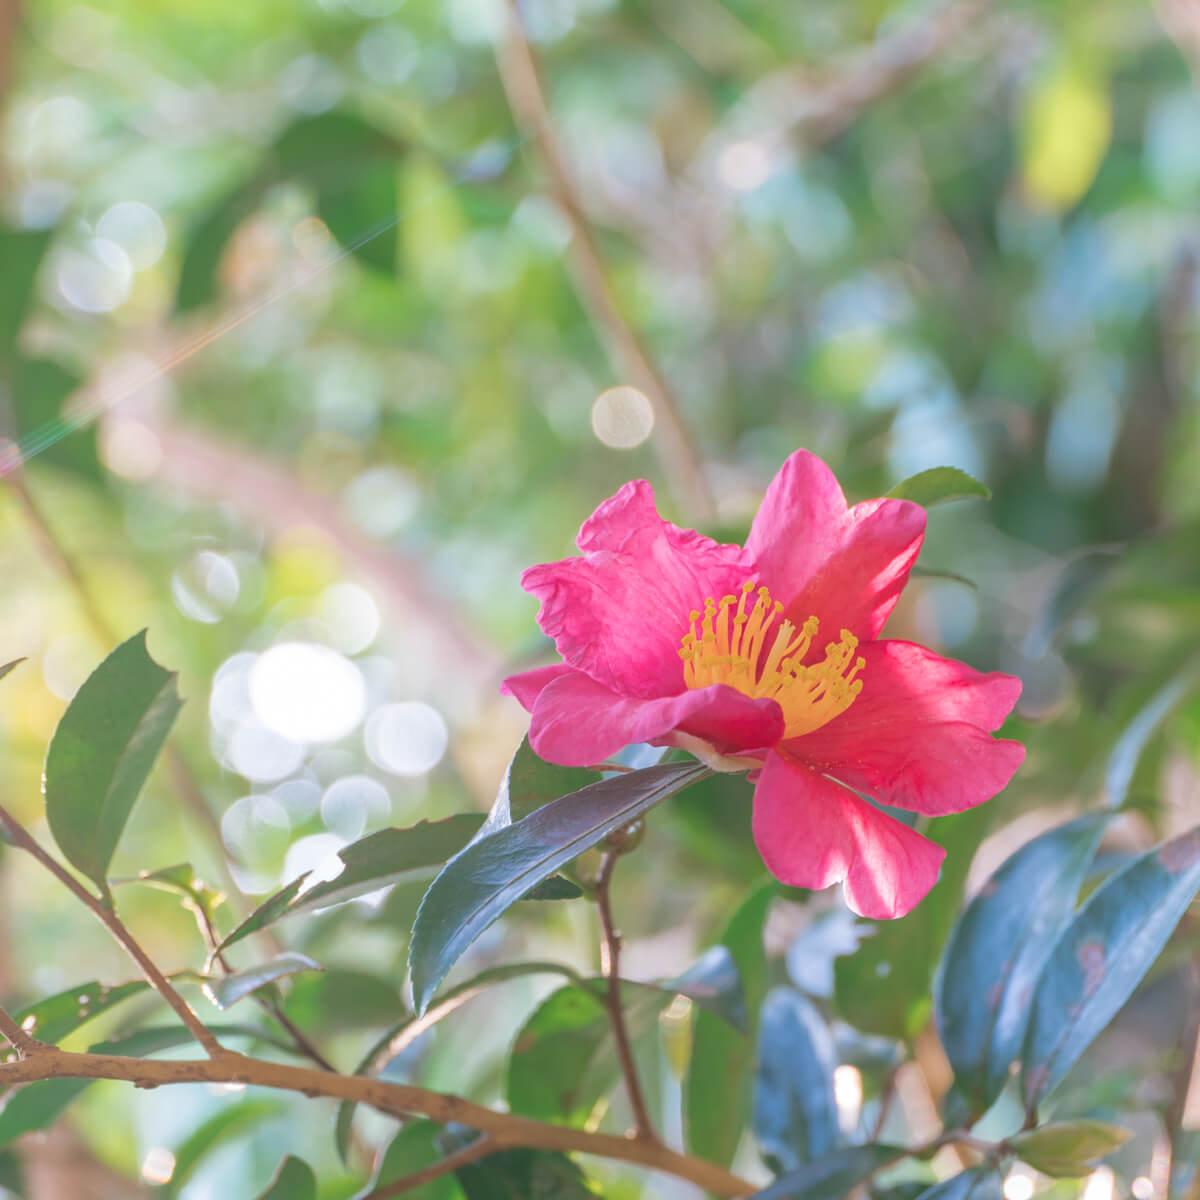 屋久島の山茶花 屋久島花とジュエリー 木漏れ日の中 オーダーメイドマリッジリングのモチーフ